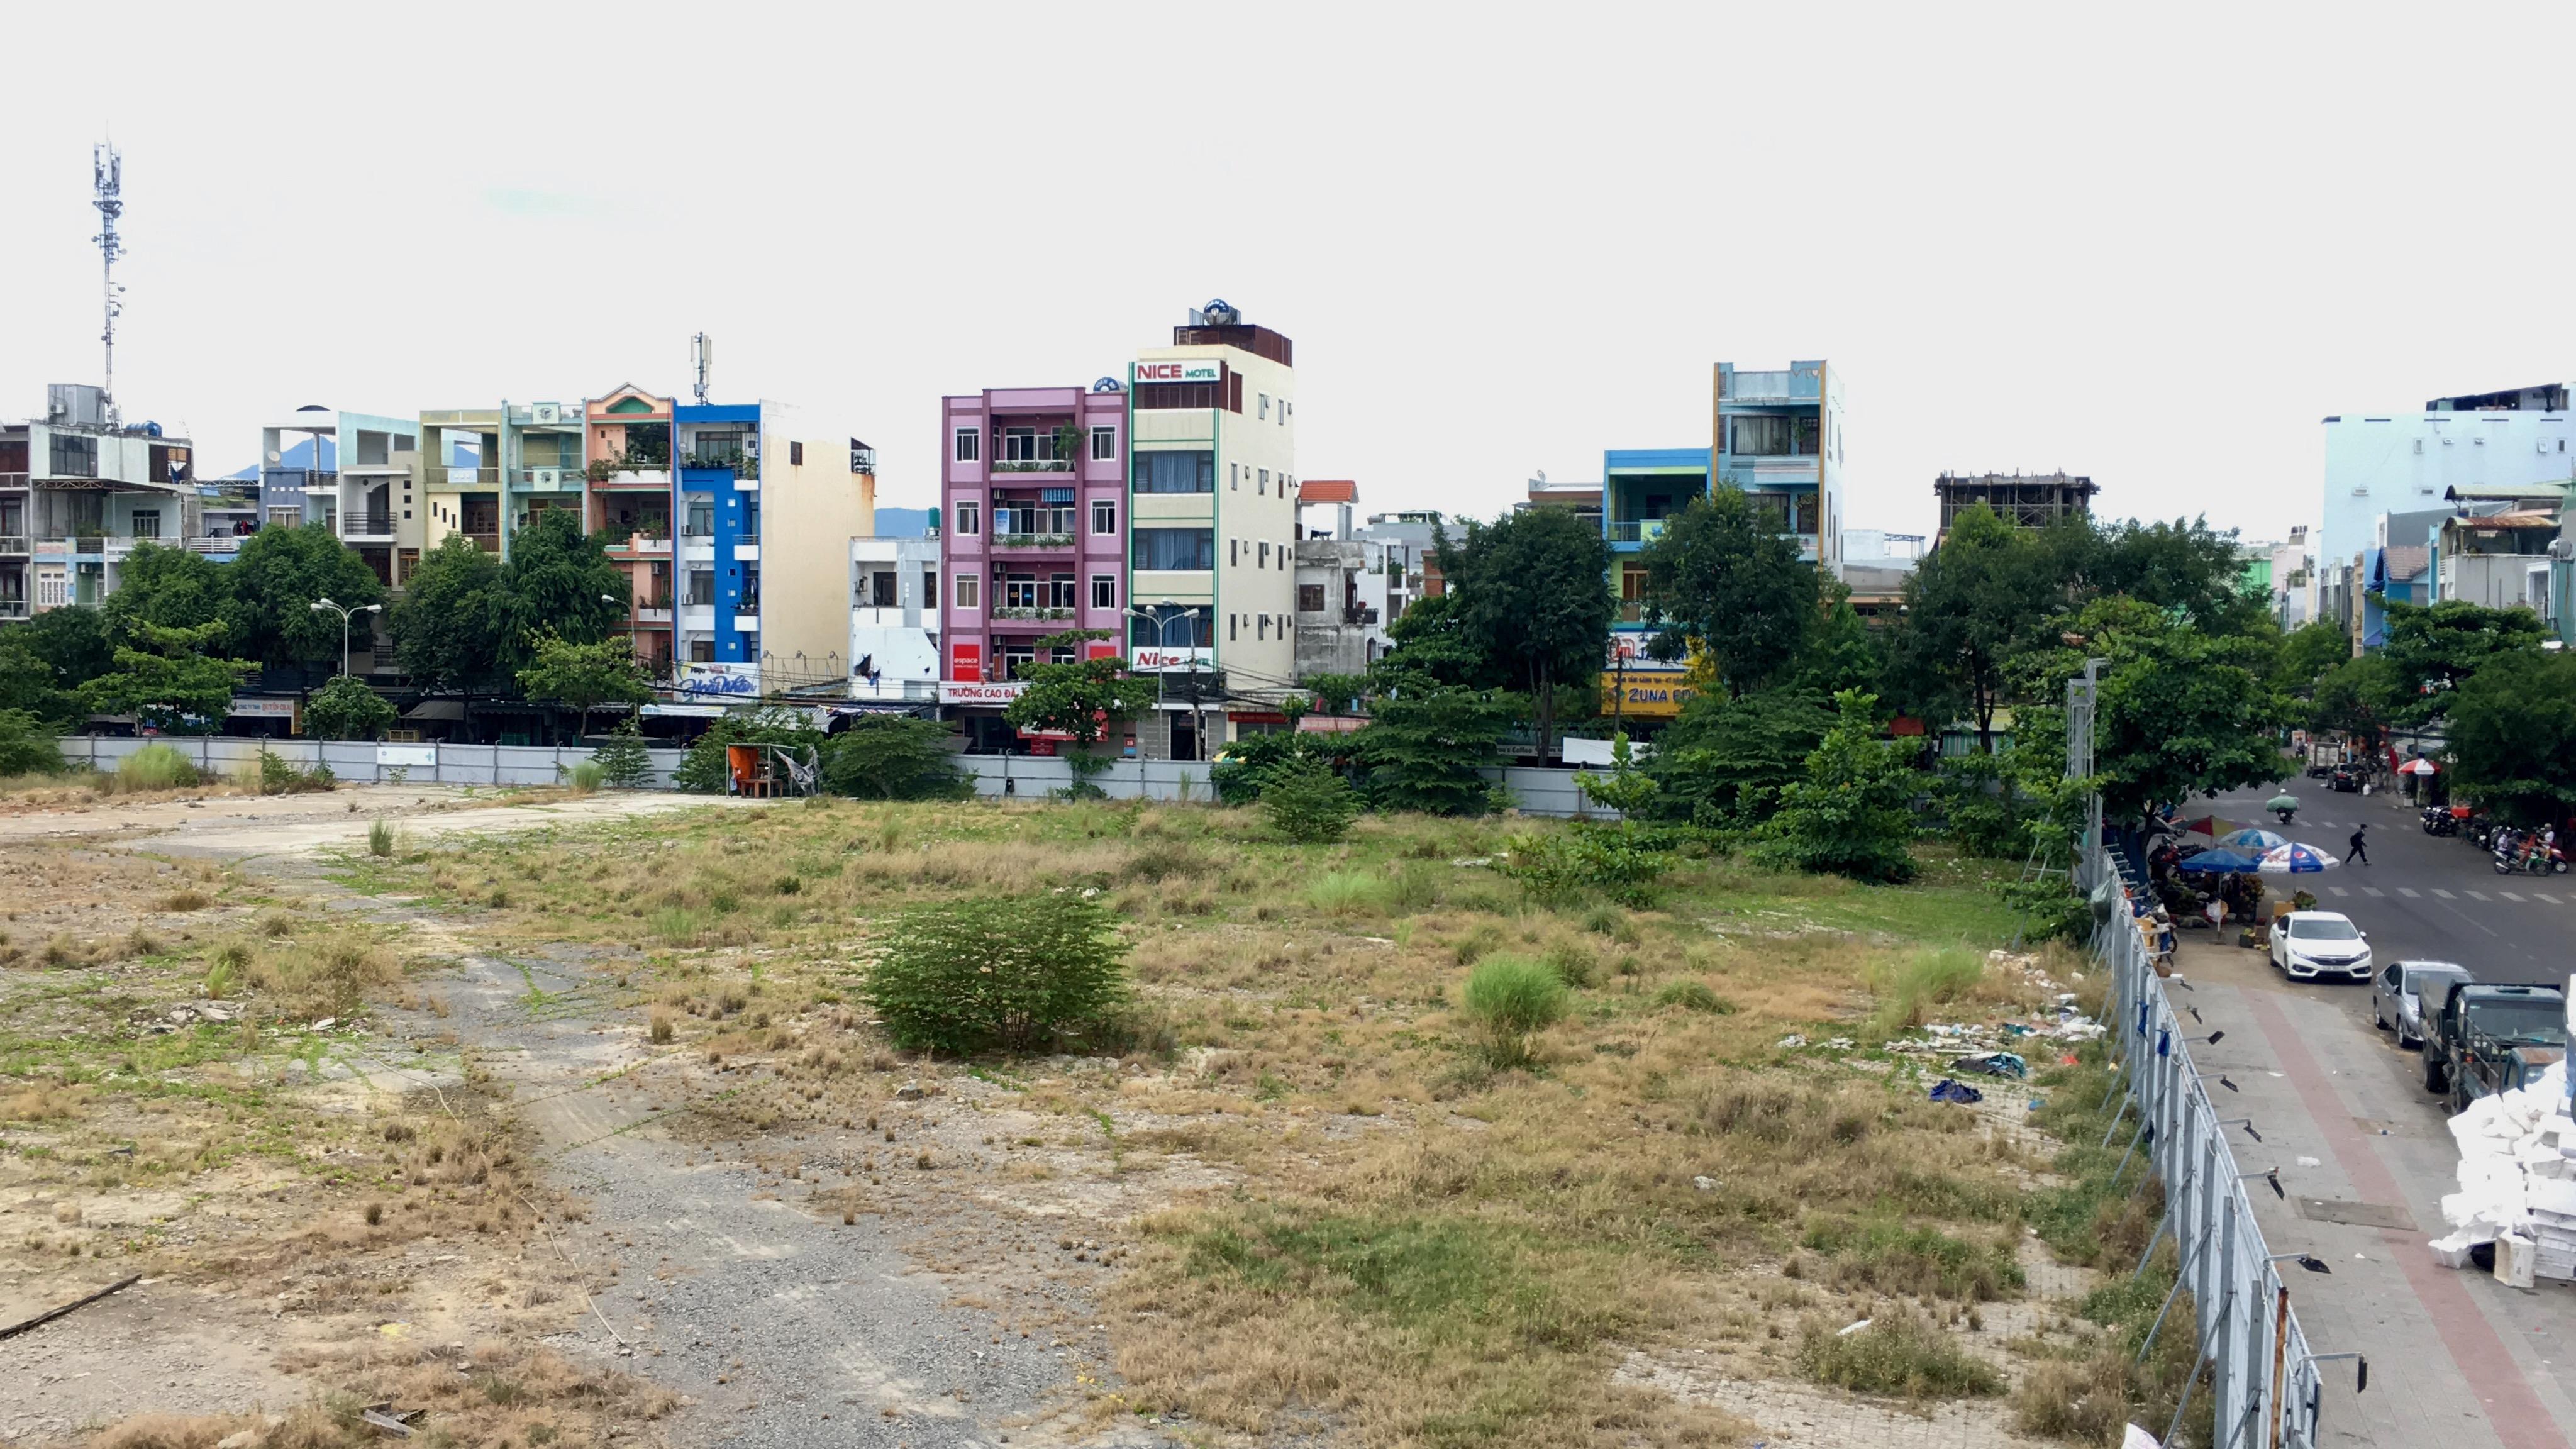 Dự án cao ốc phức hợp Nguyễn Kim ở Đà Nẵng của TTC Land nhiều năm vẫn là bãi đất trống - Ảnh 10.